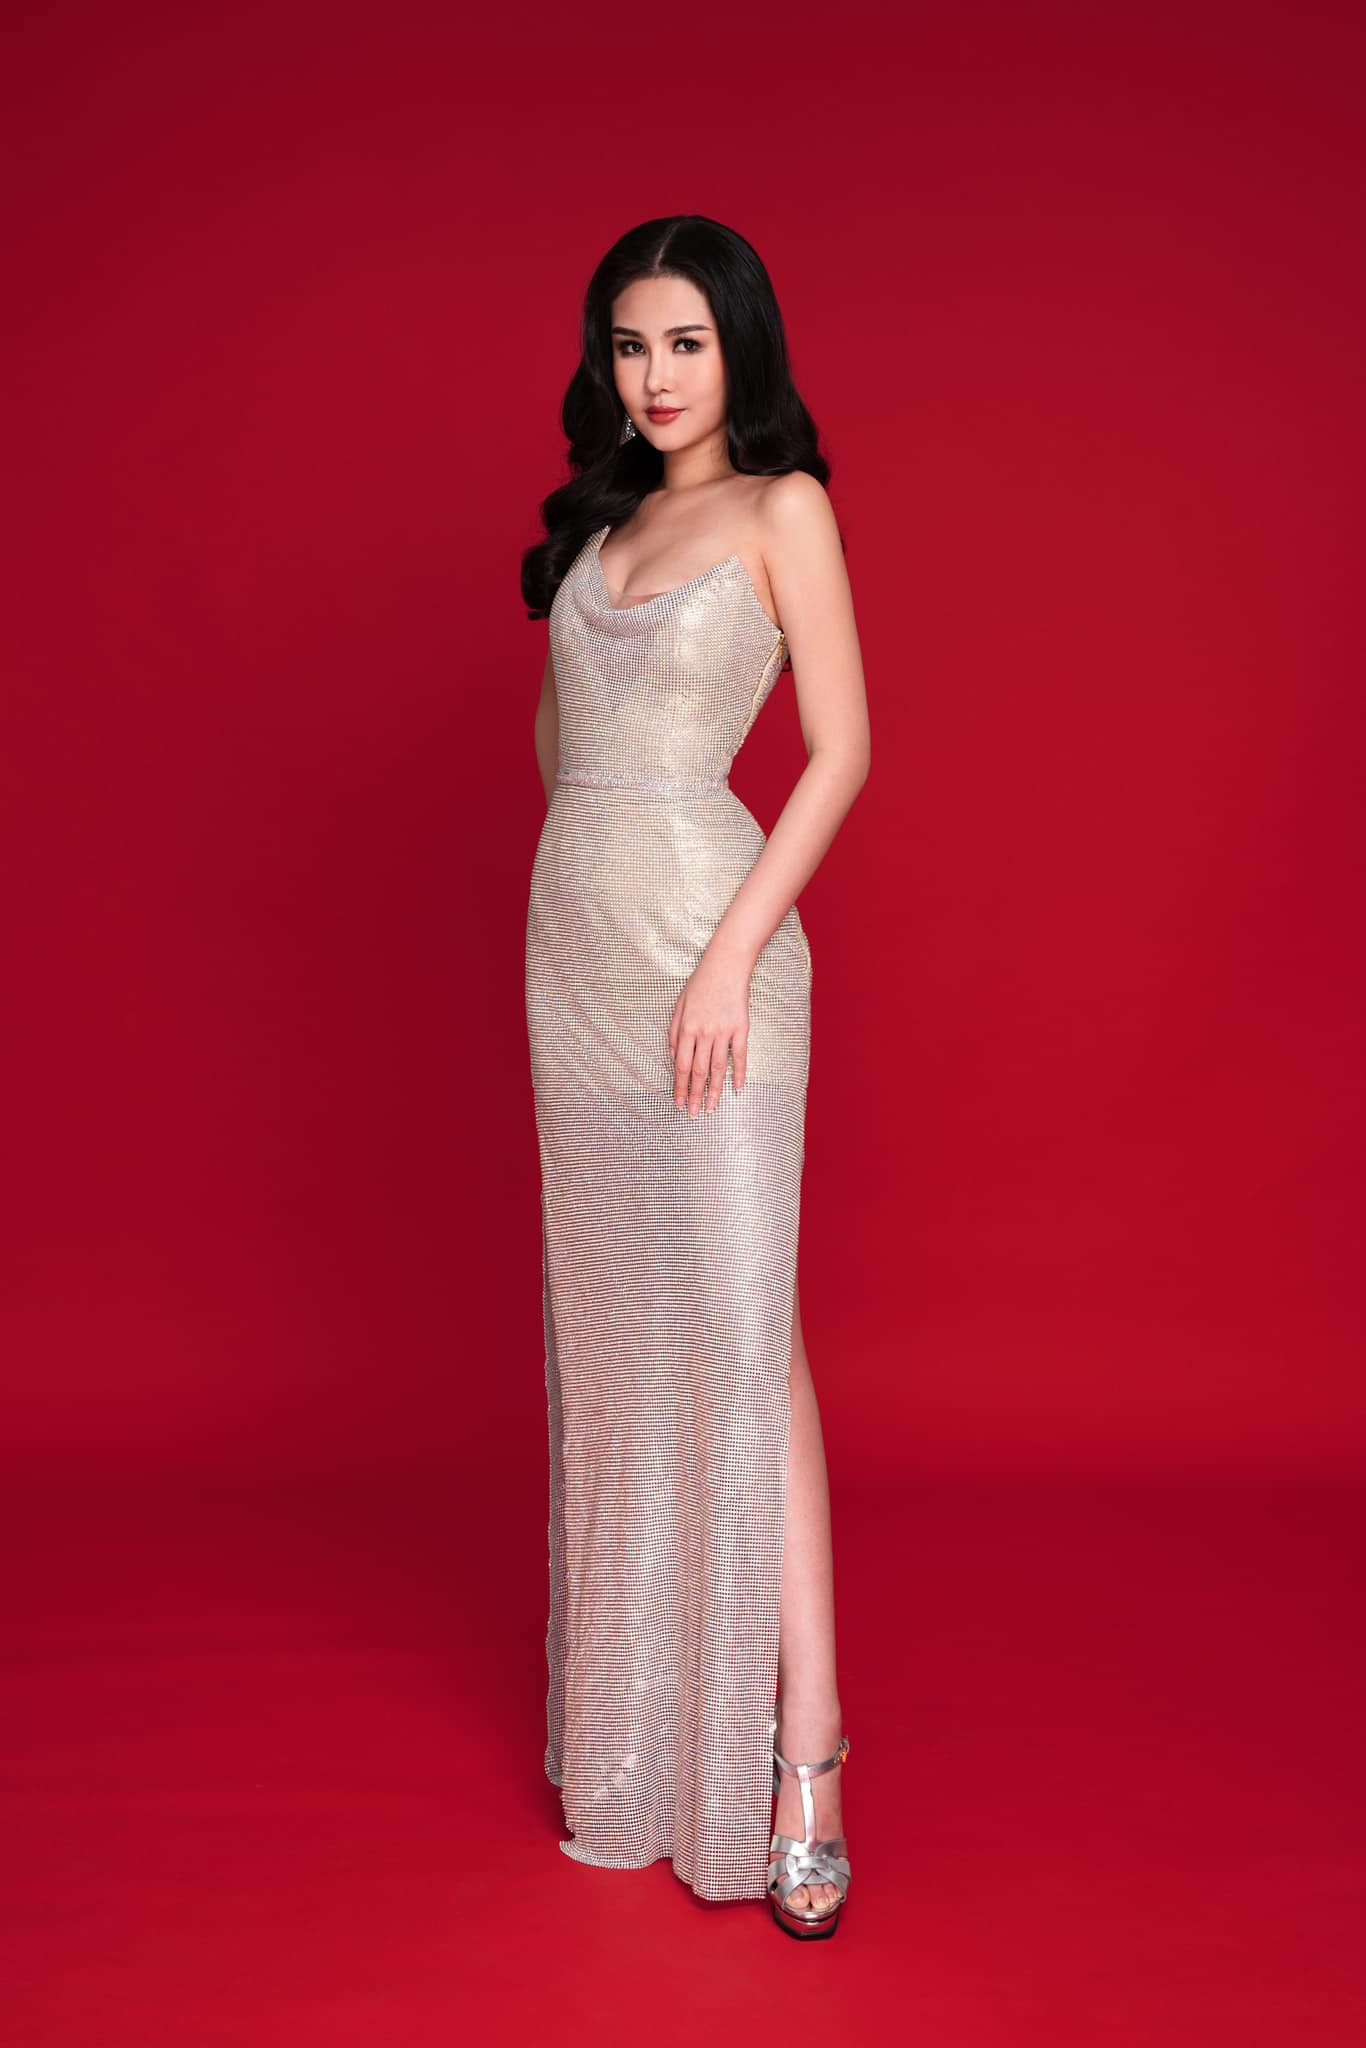 Trần tình về phần trình diễn khó hiểu tại Miss Intercontinental 2018, Lê Âu Ngân Anh khẳng định không hề có lỗi - Ảnh 1.